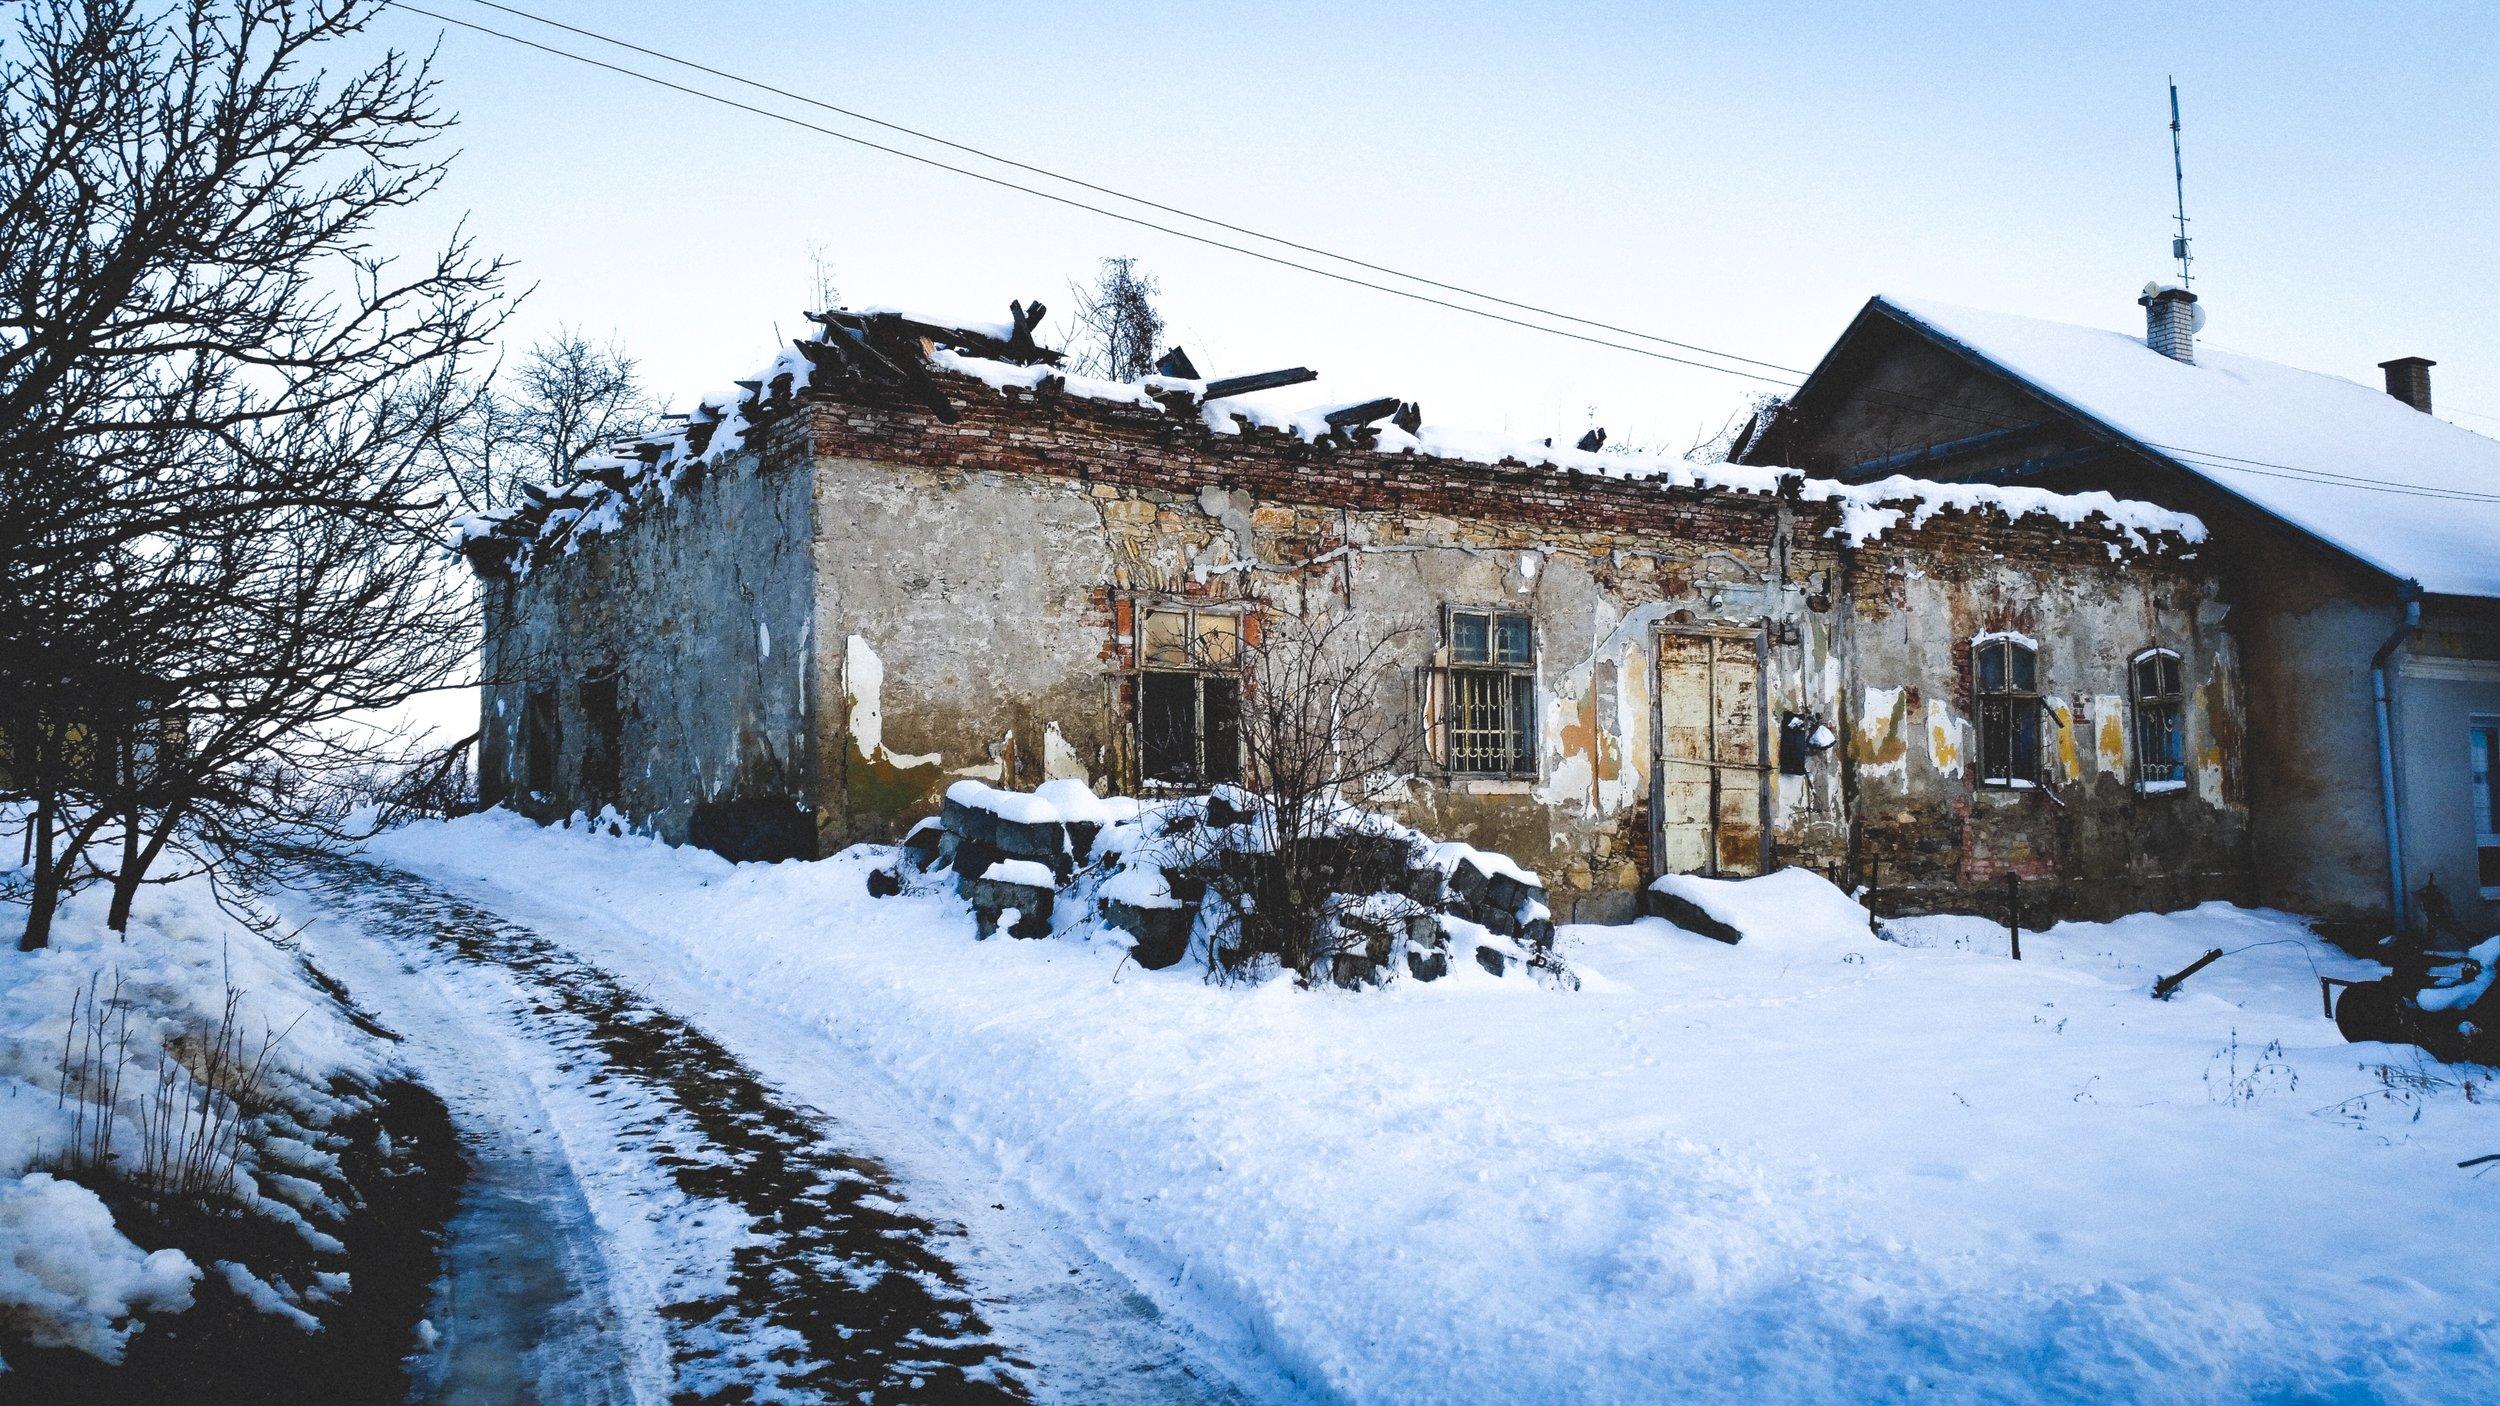 Skerešovo in winter -